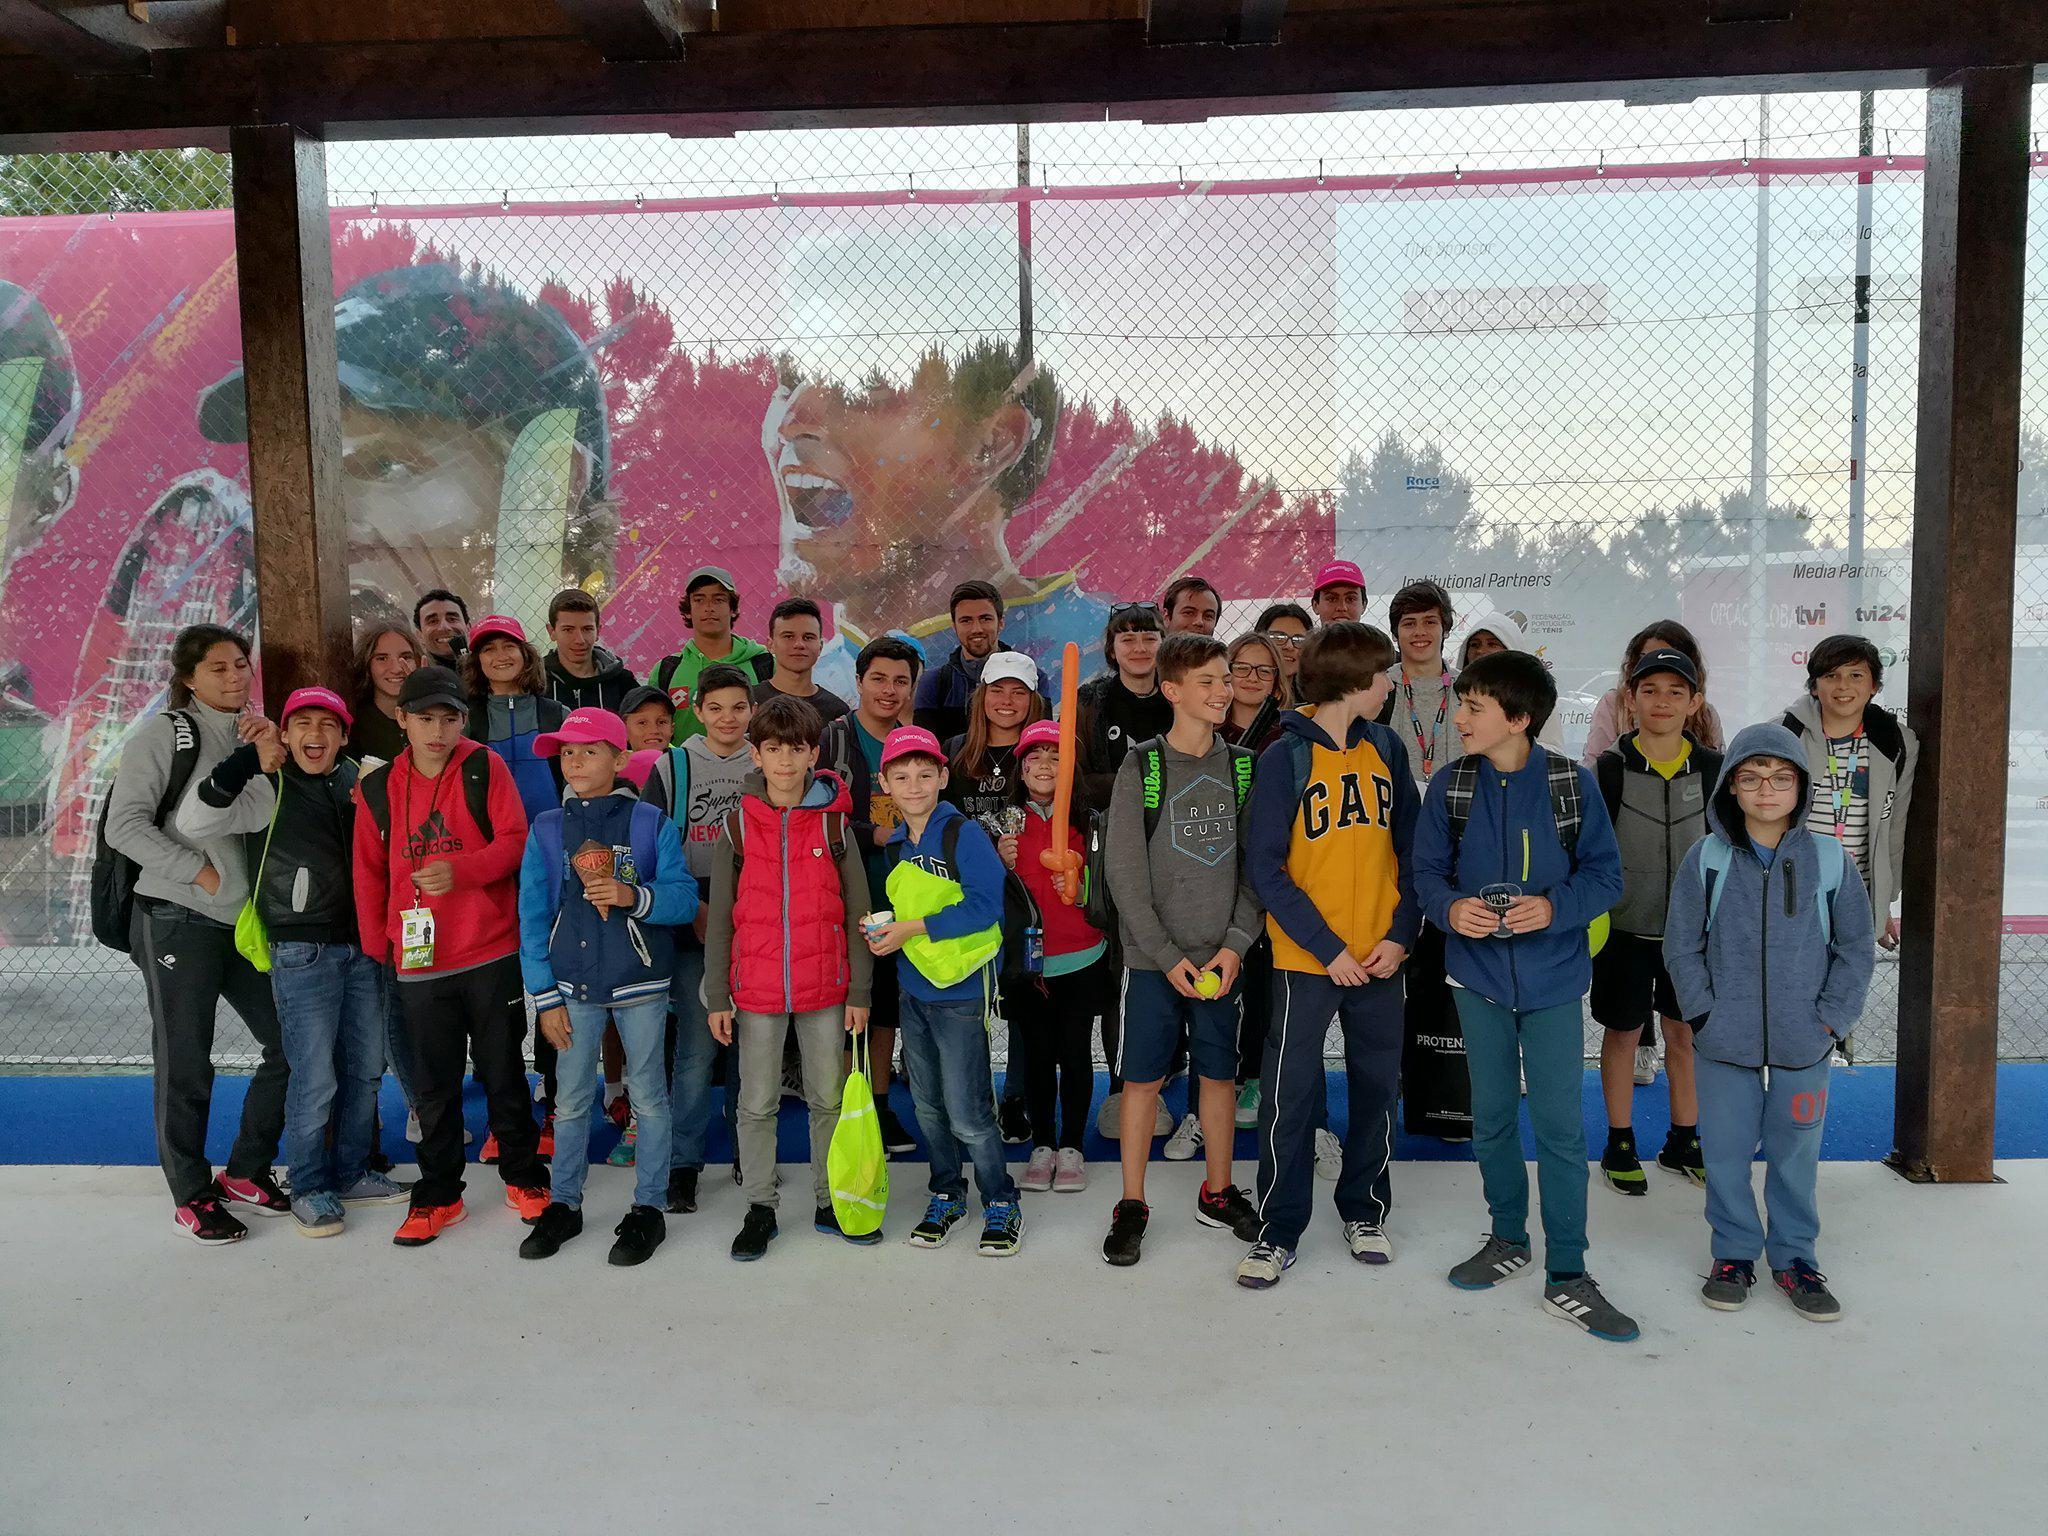 ETJC visita o Millenium Estoril Open